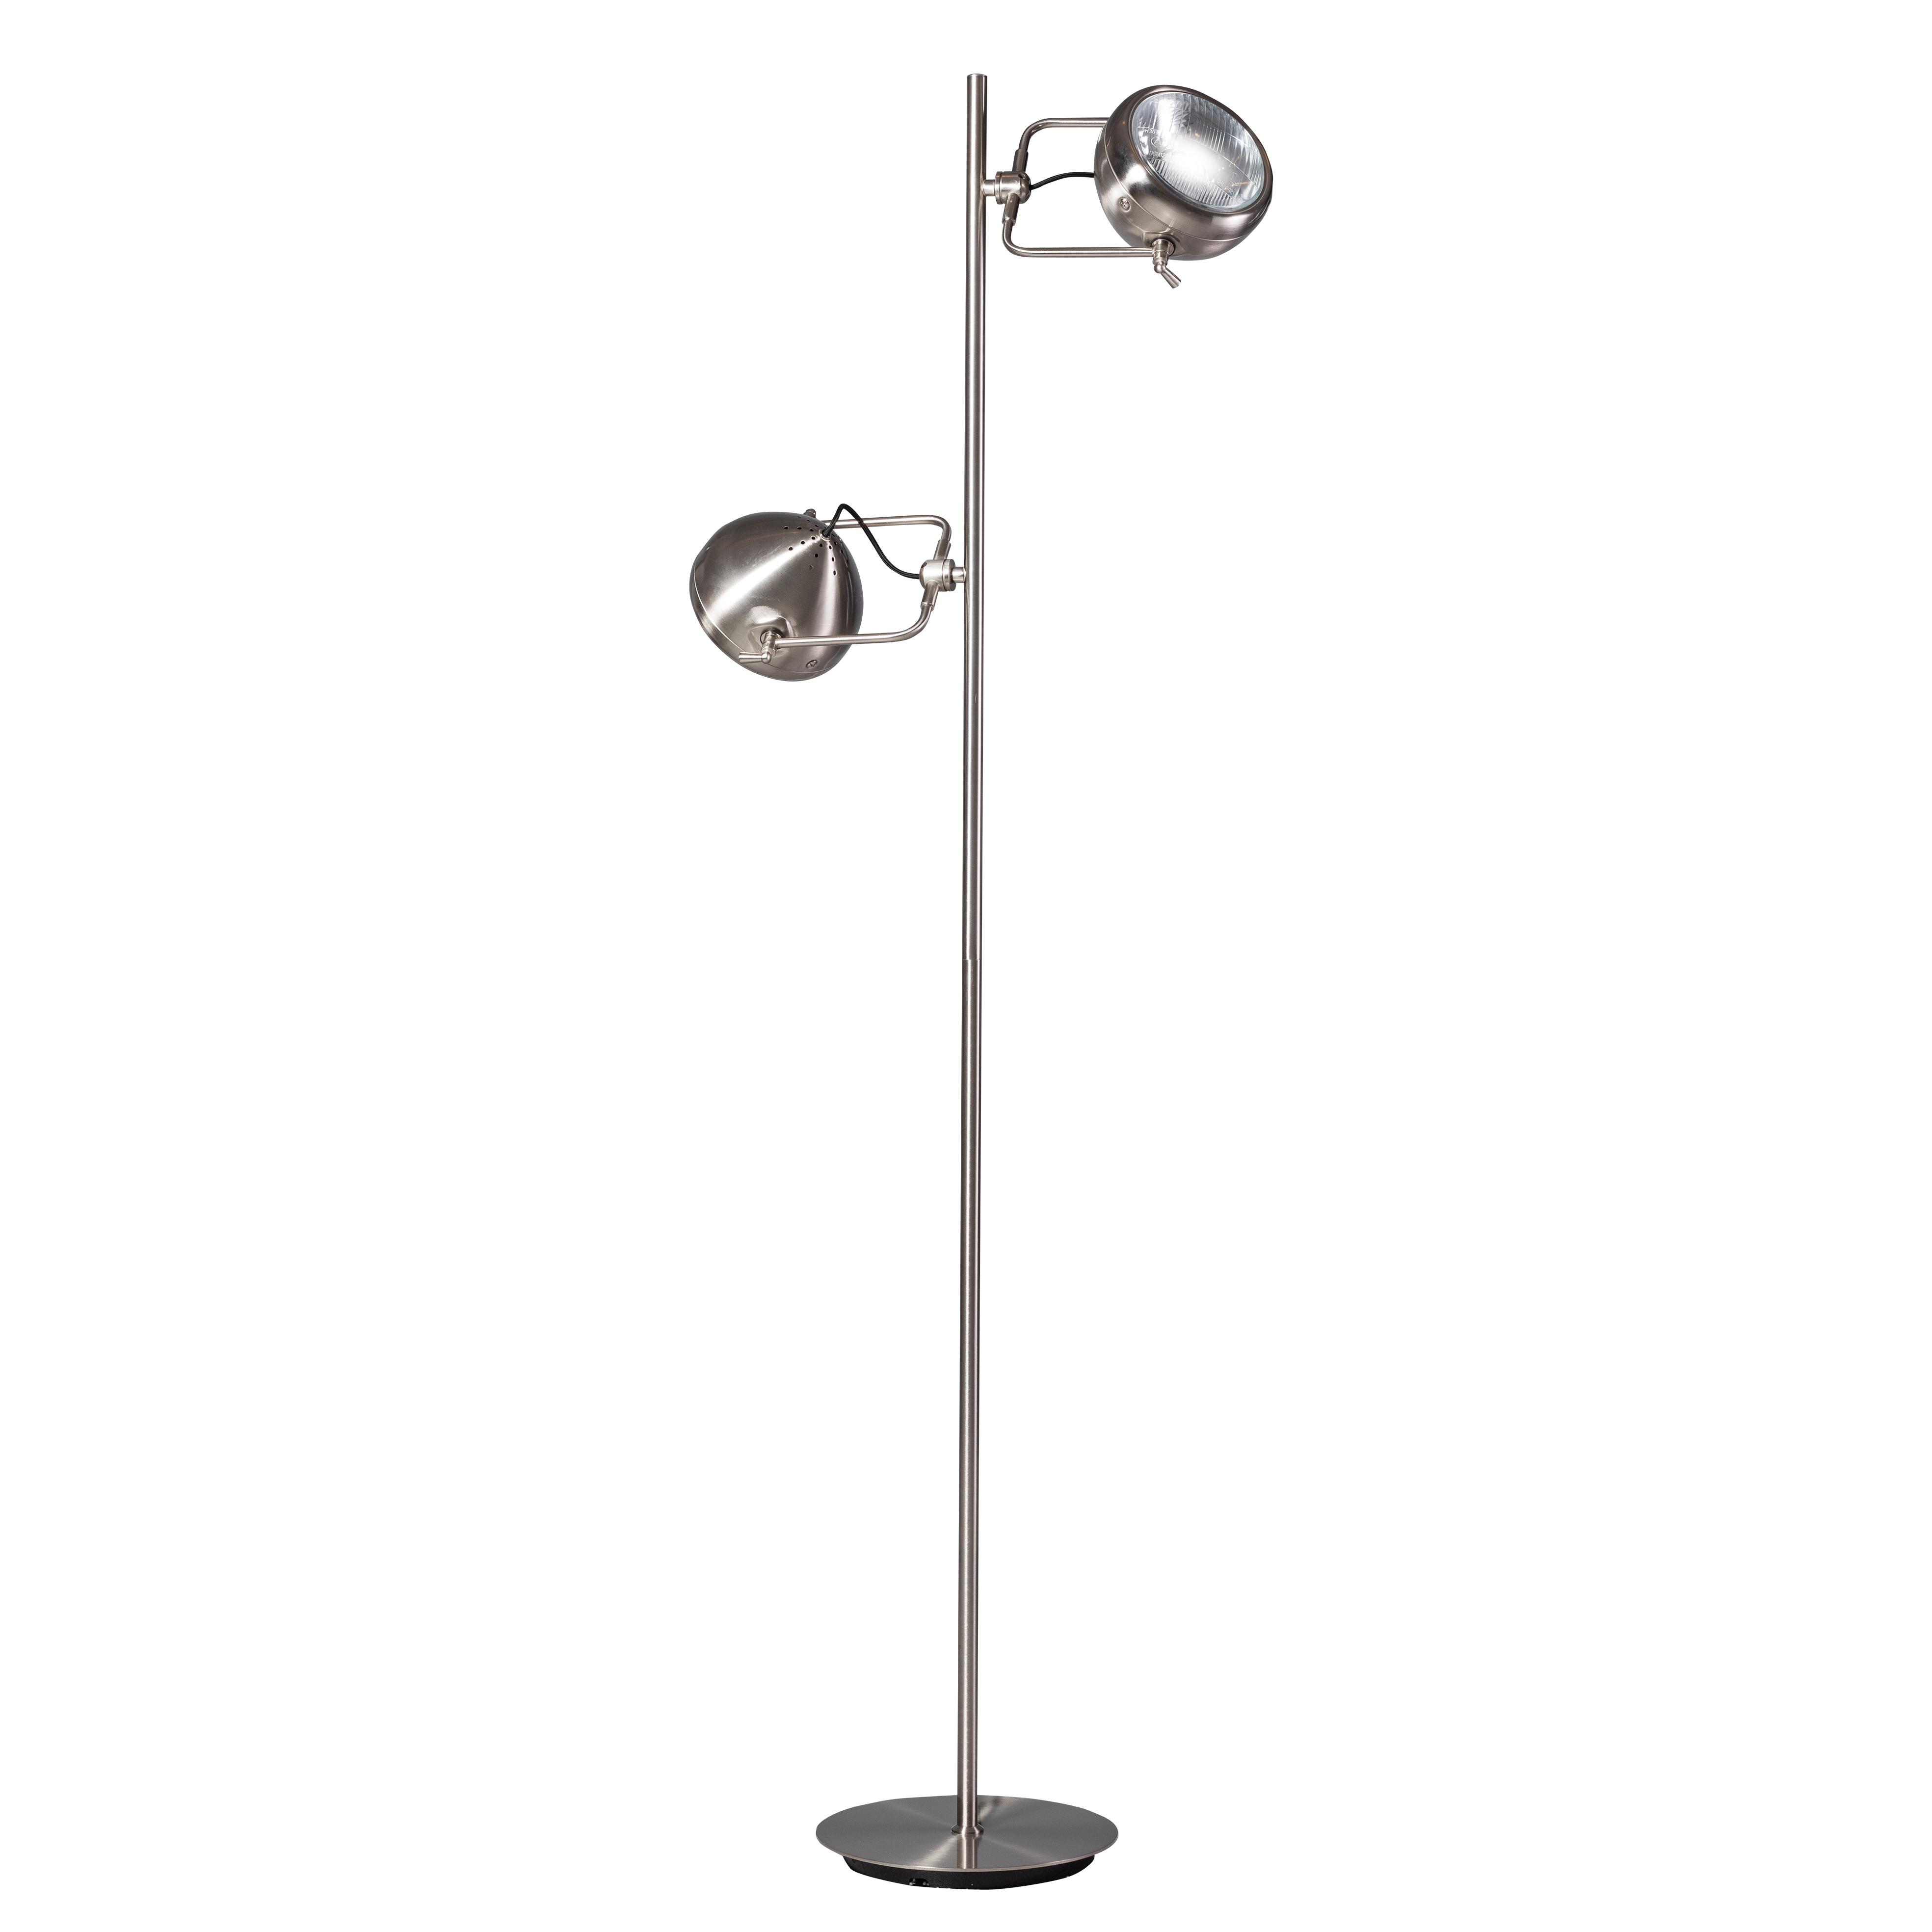 Moderne vloerlamp staal met 2 spots - Victor